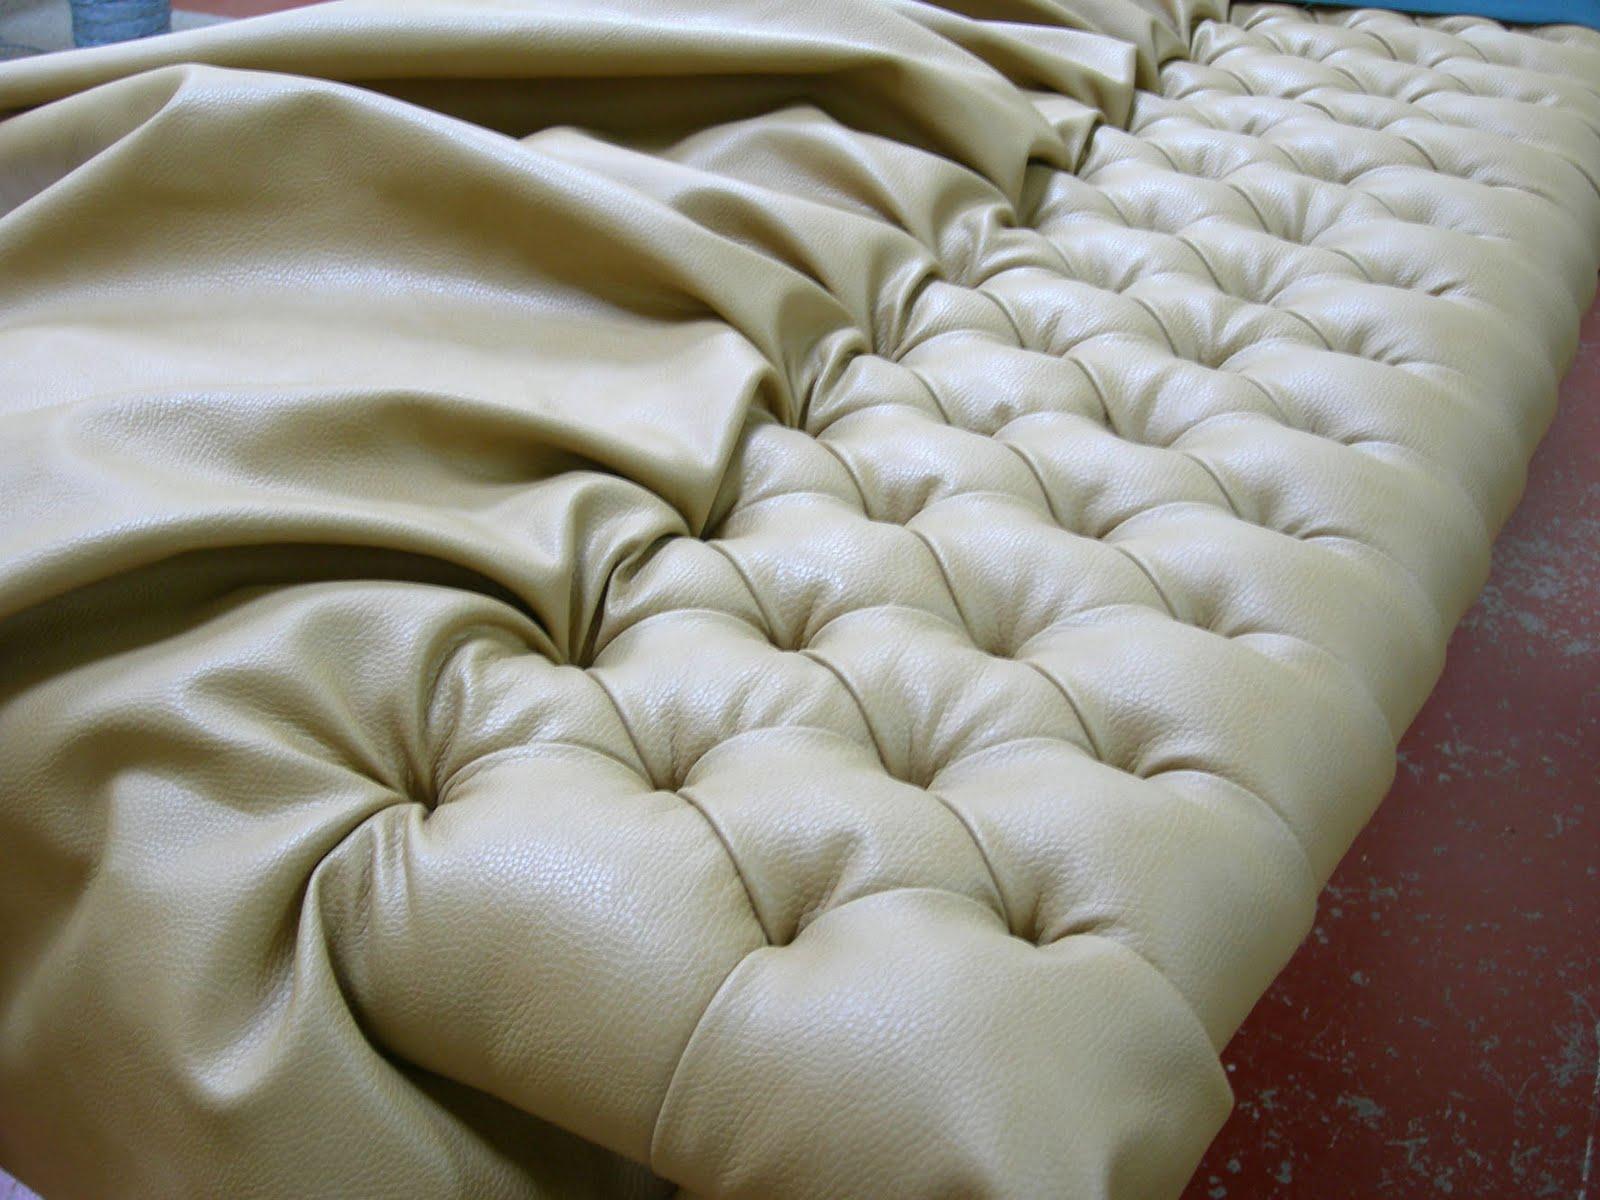 Taller de tapicer a capiton - Talleres de tapiceria ...